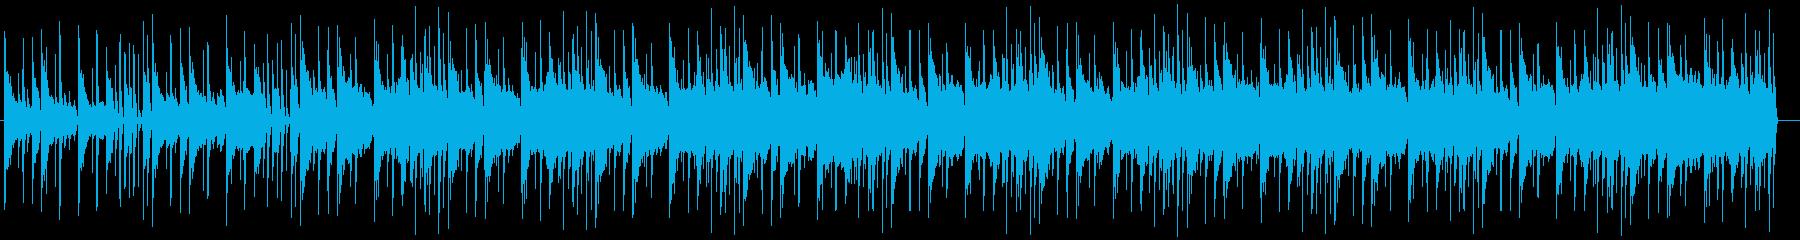 メロウなヒップホップの再生済みの波形